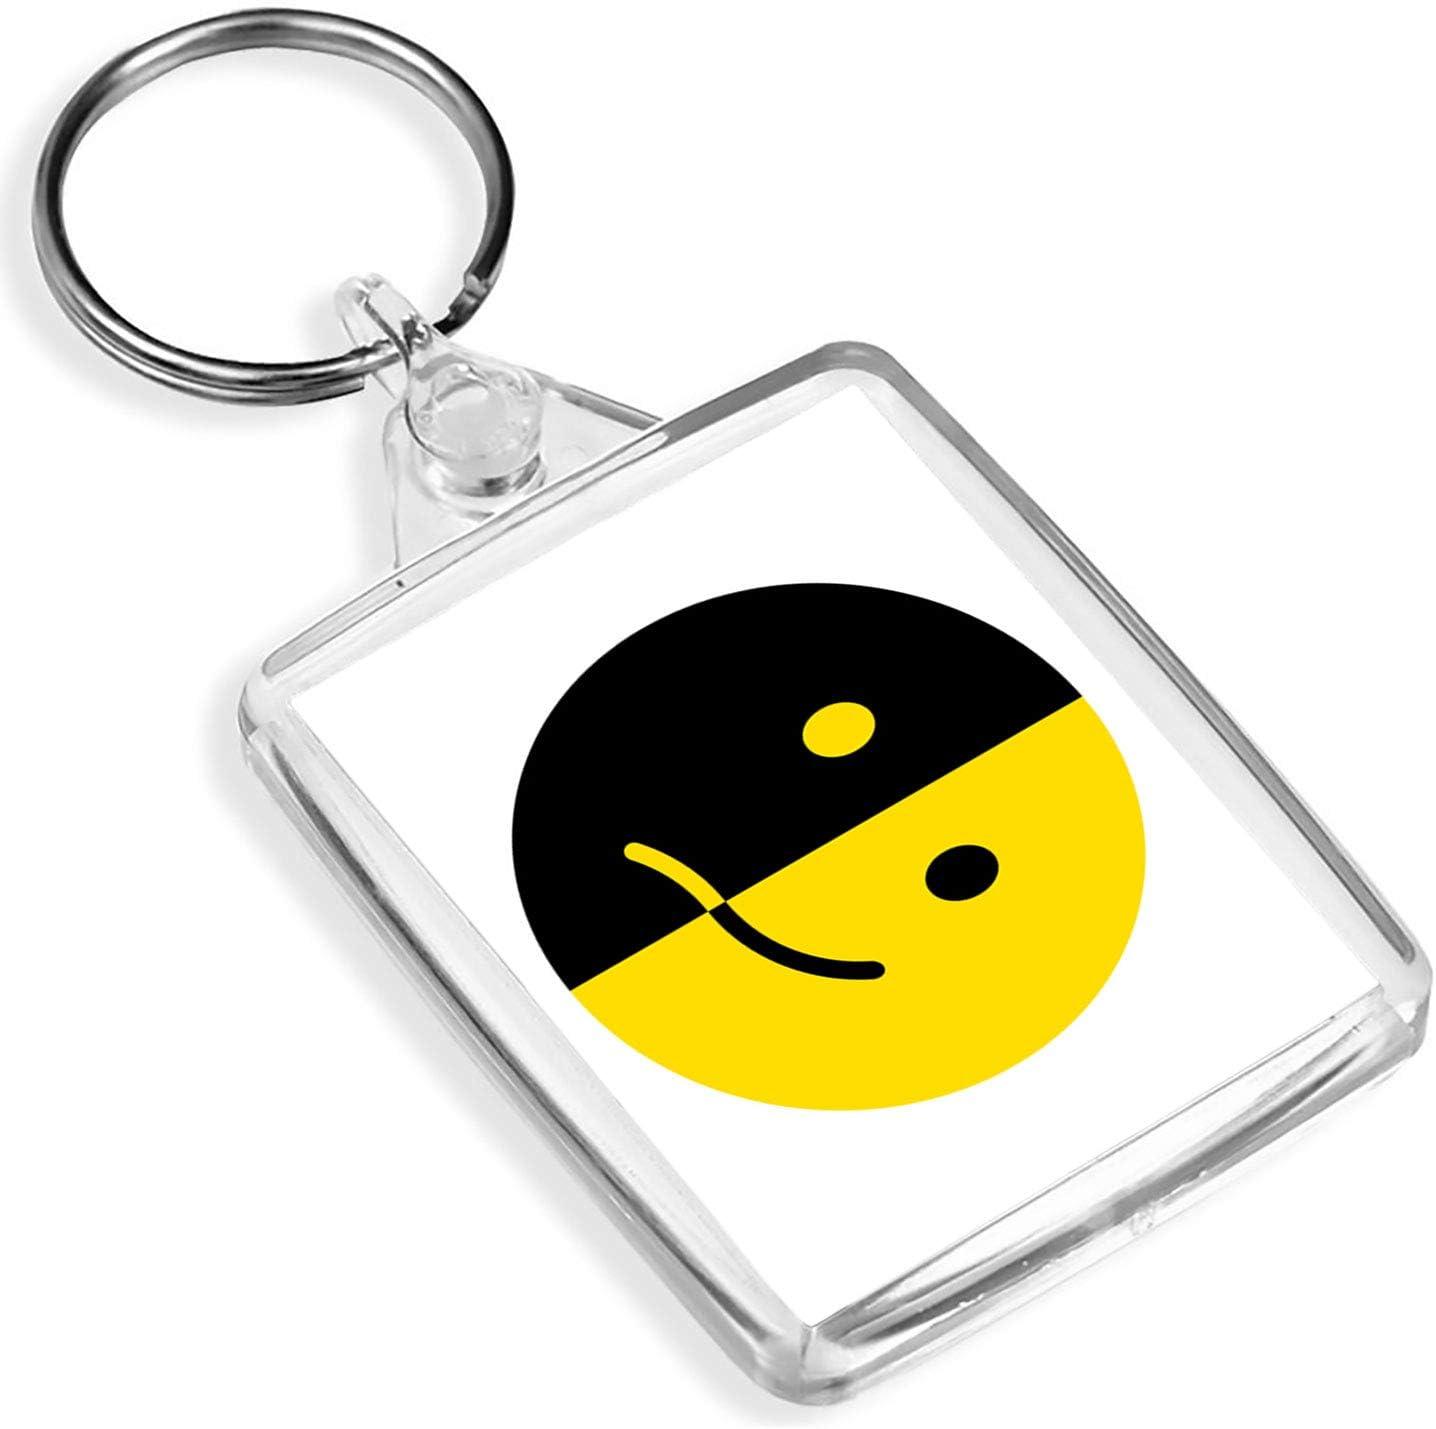 Llaveros de vinilo de destino 1 x amarillo negro sonrisa cara bipolar – Keying – IP02 – Regalo para mamá papá niños # 9229